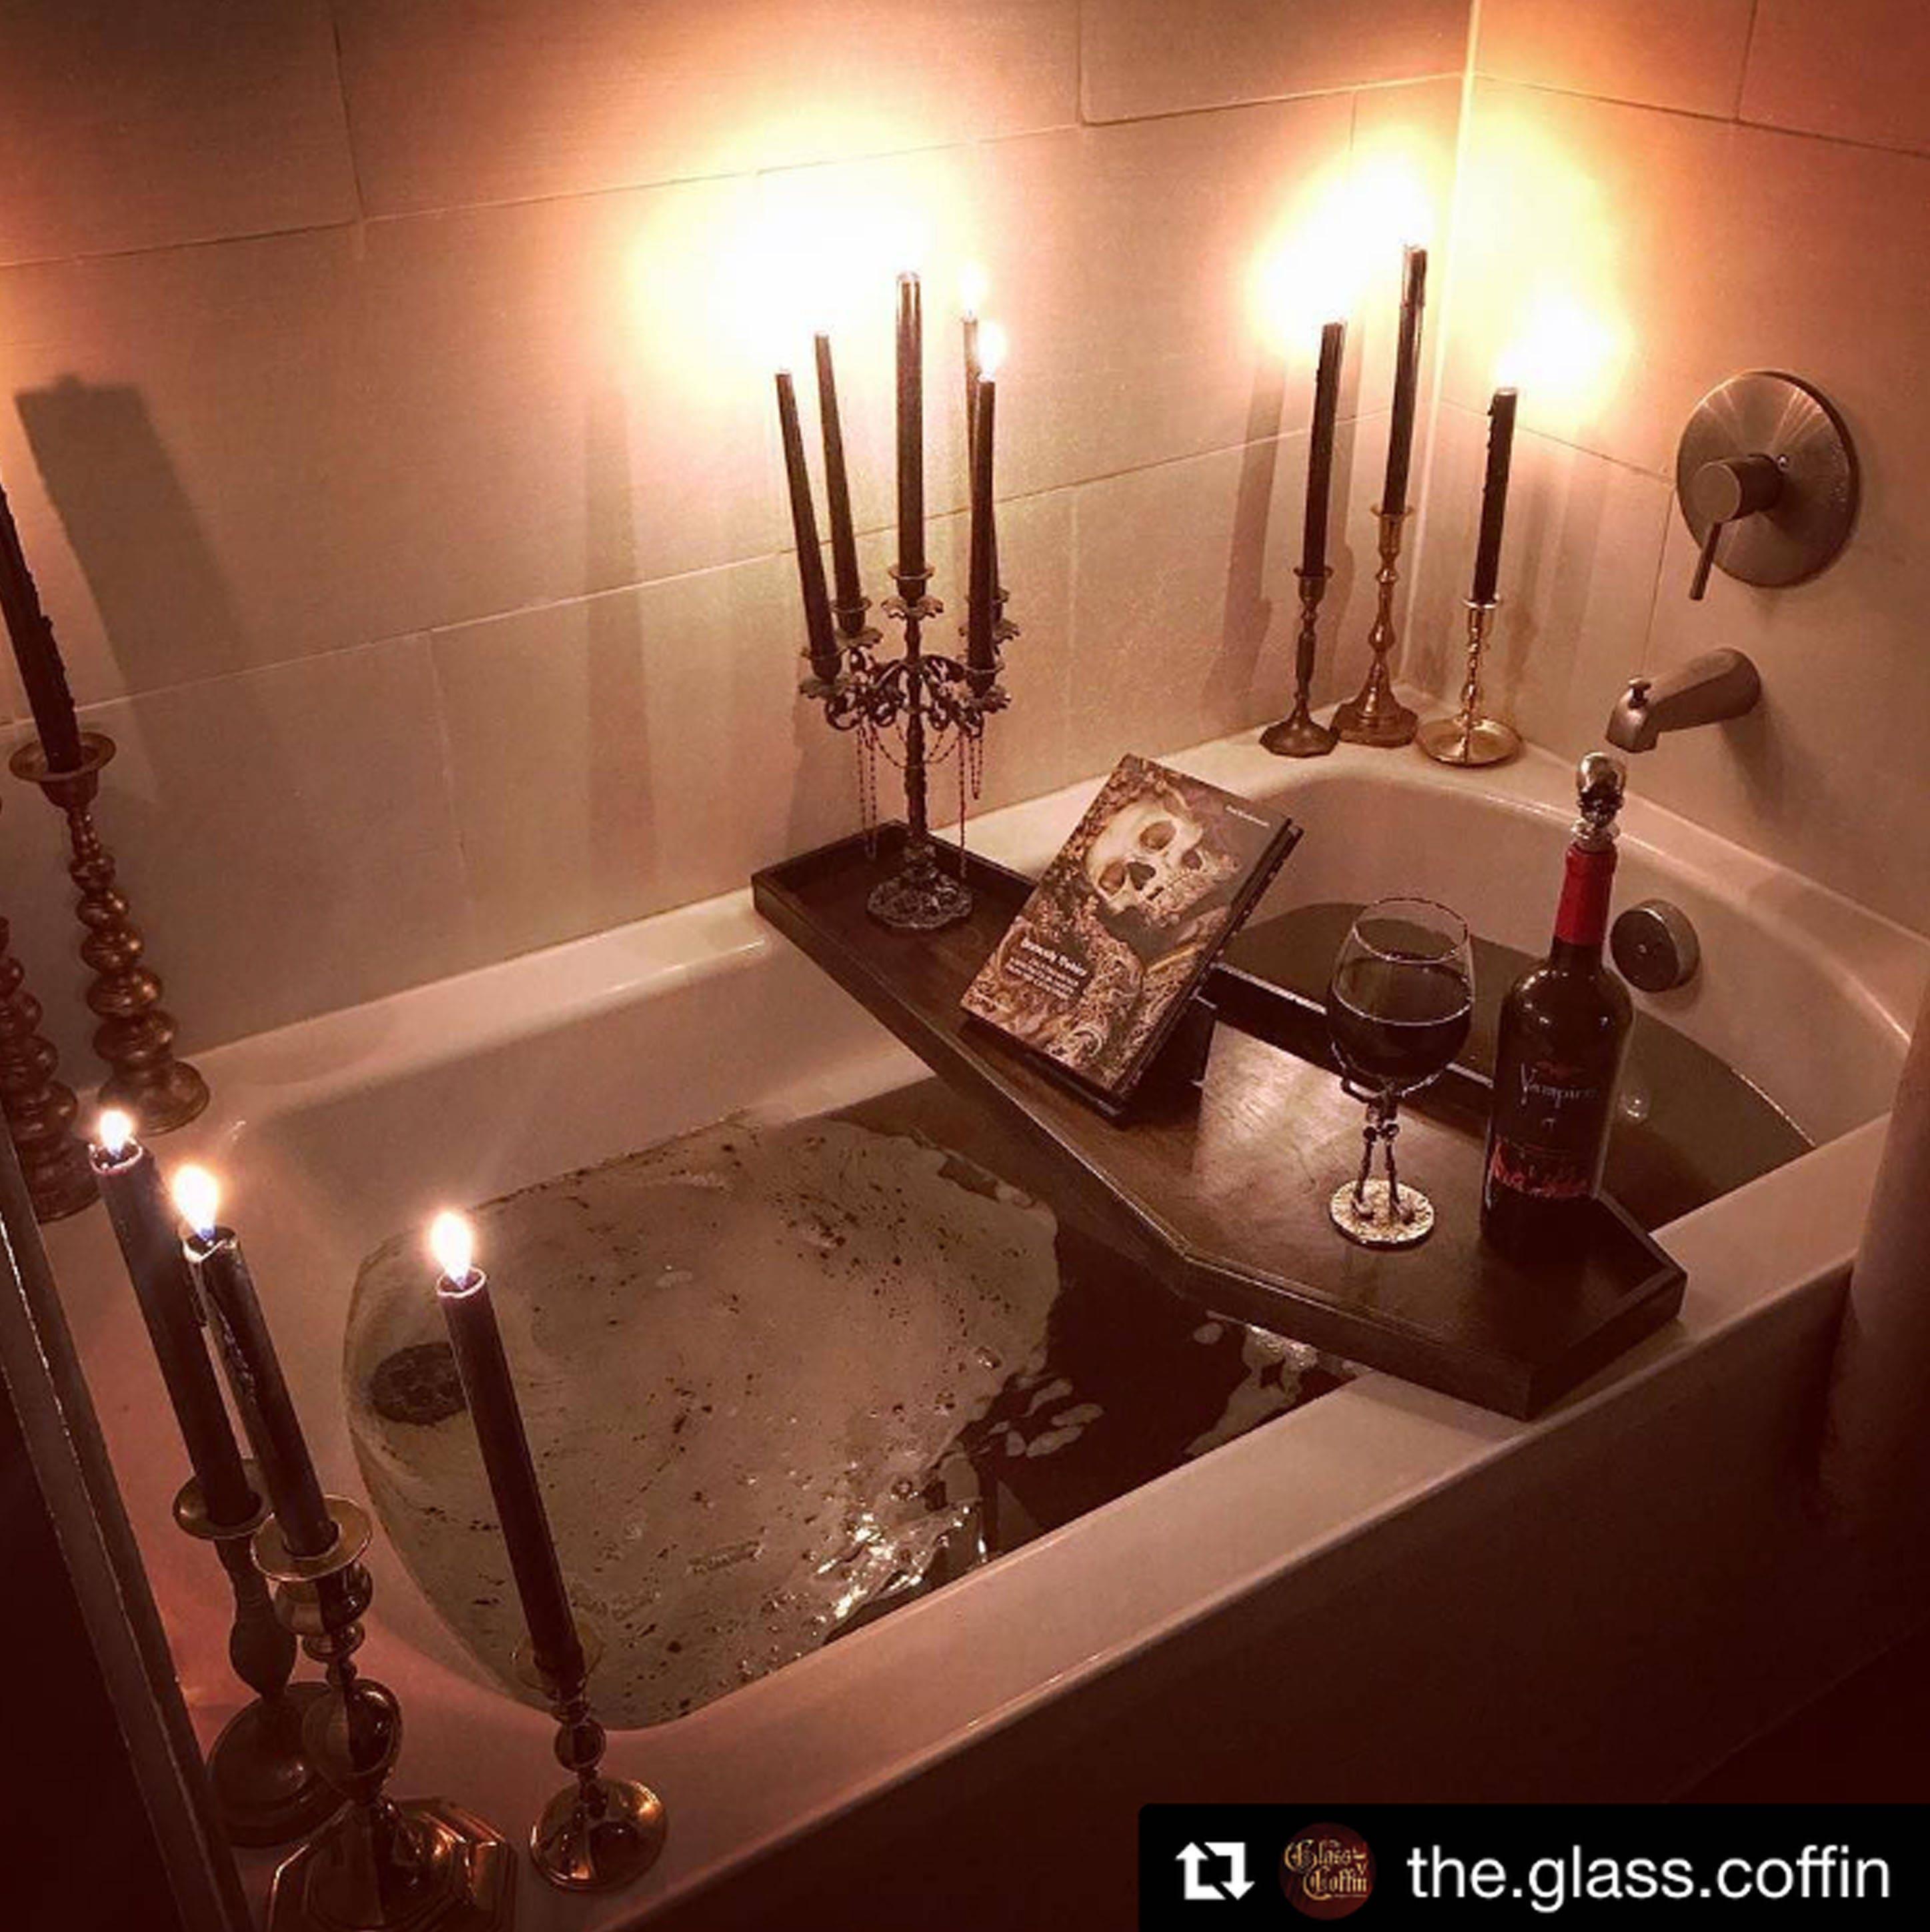 bath teak organizer wooden tray clawfoot storage tub modern outstanding caddies bathroom bathtub for bathtu caddy ideas desk shelf laptop